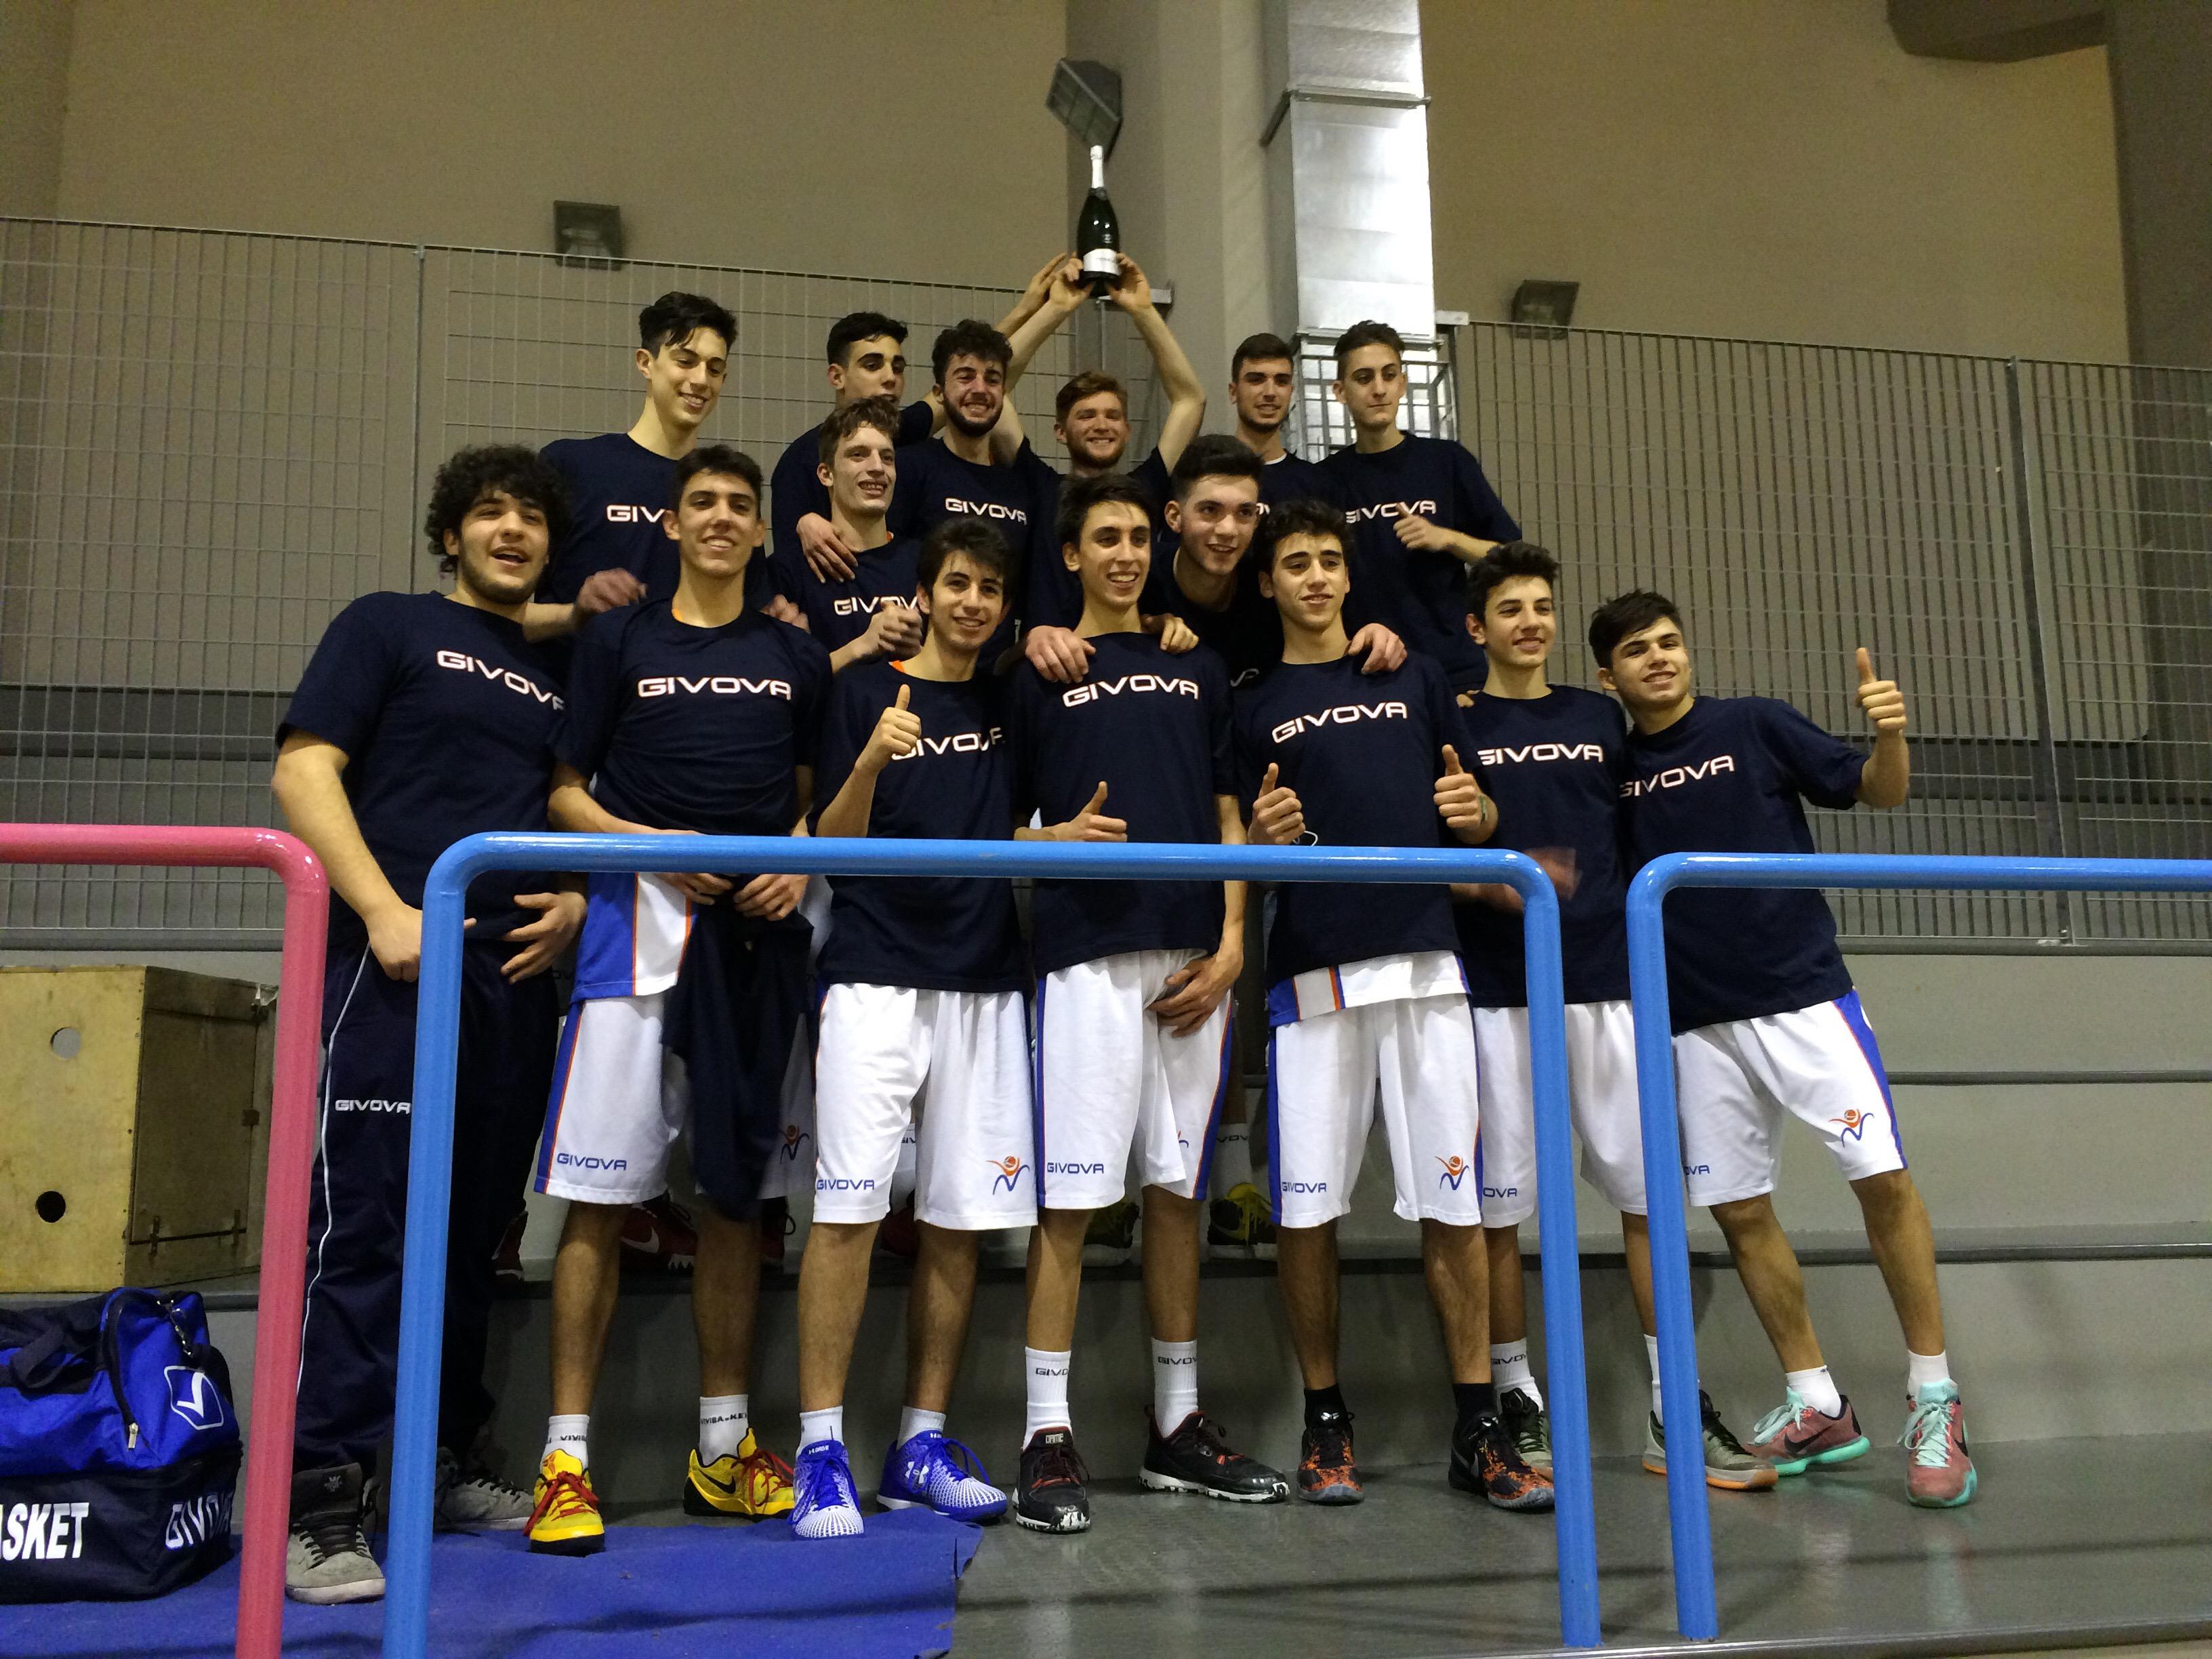 Under 18 Eccellenza: Vivi Basket Campione Regionale per il secondo anno consecutivo!